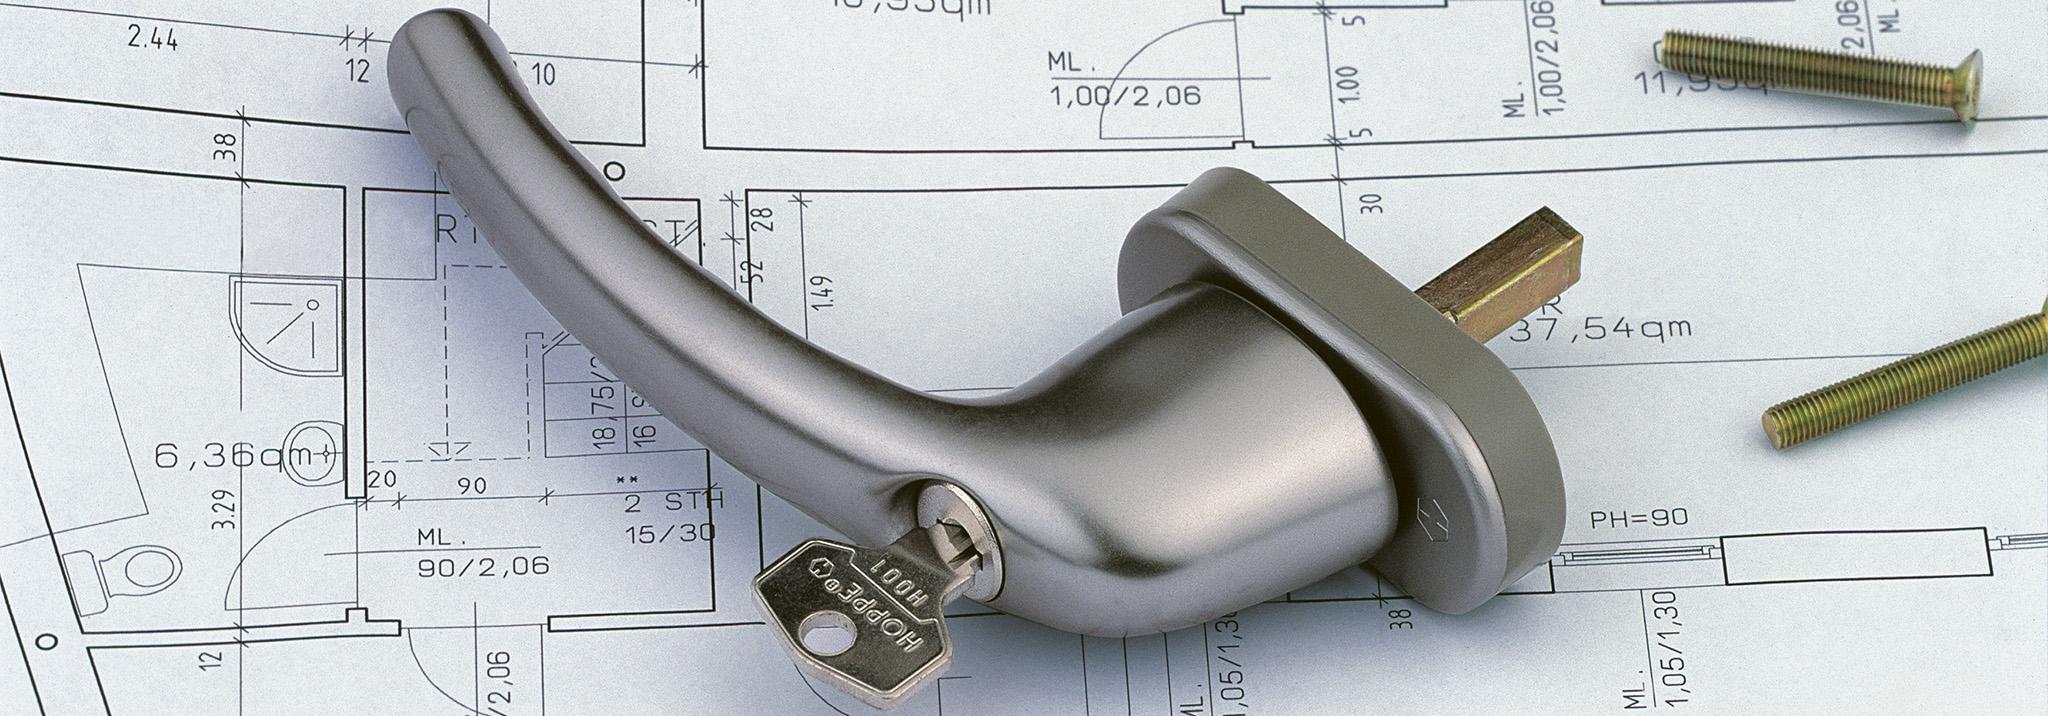 DIN EN 13126-3 для оконных ручек